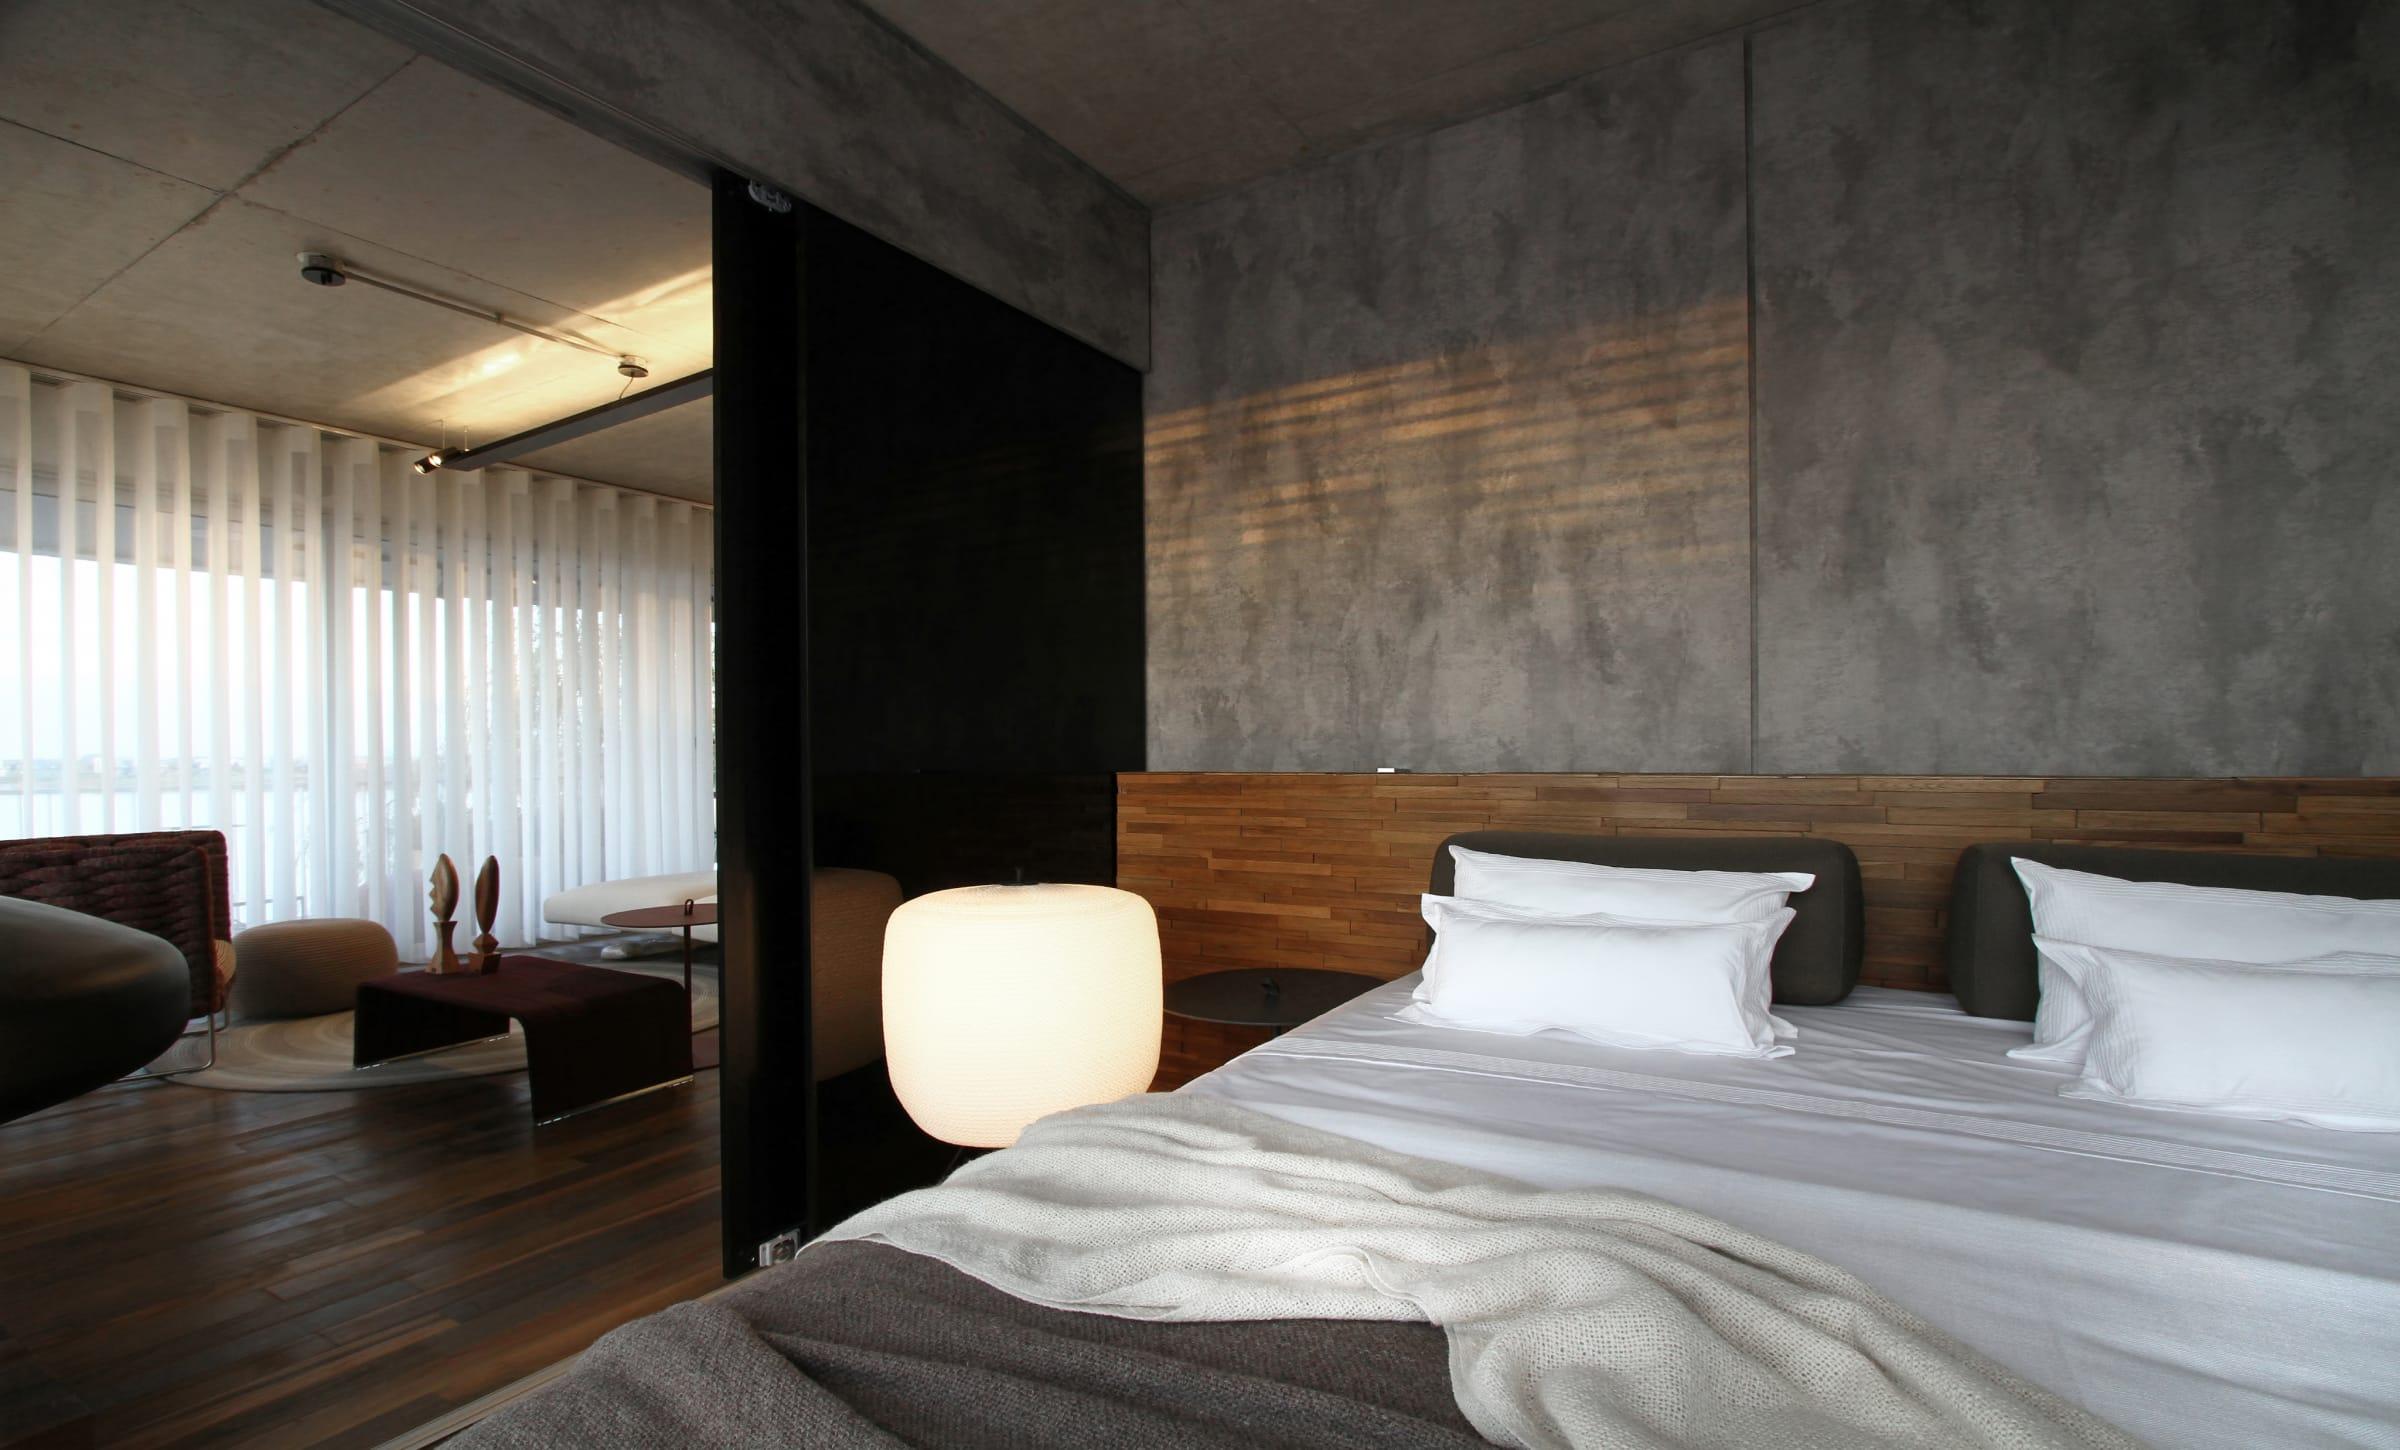 Paneles de vidrio negro integran el dormitorio con el living. Piso de palo Santo (Patagonia Flooring) y paredes revestidas con panel modelo Street, simil cemento (Faplac).